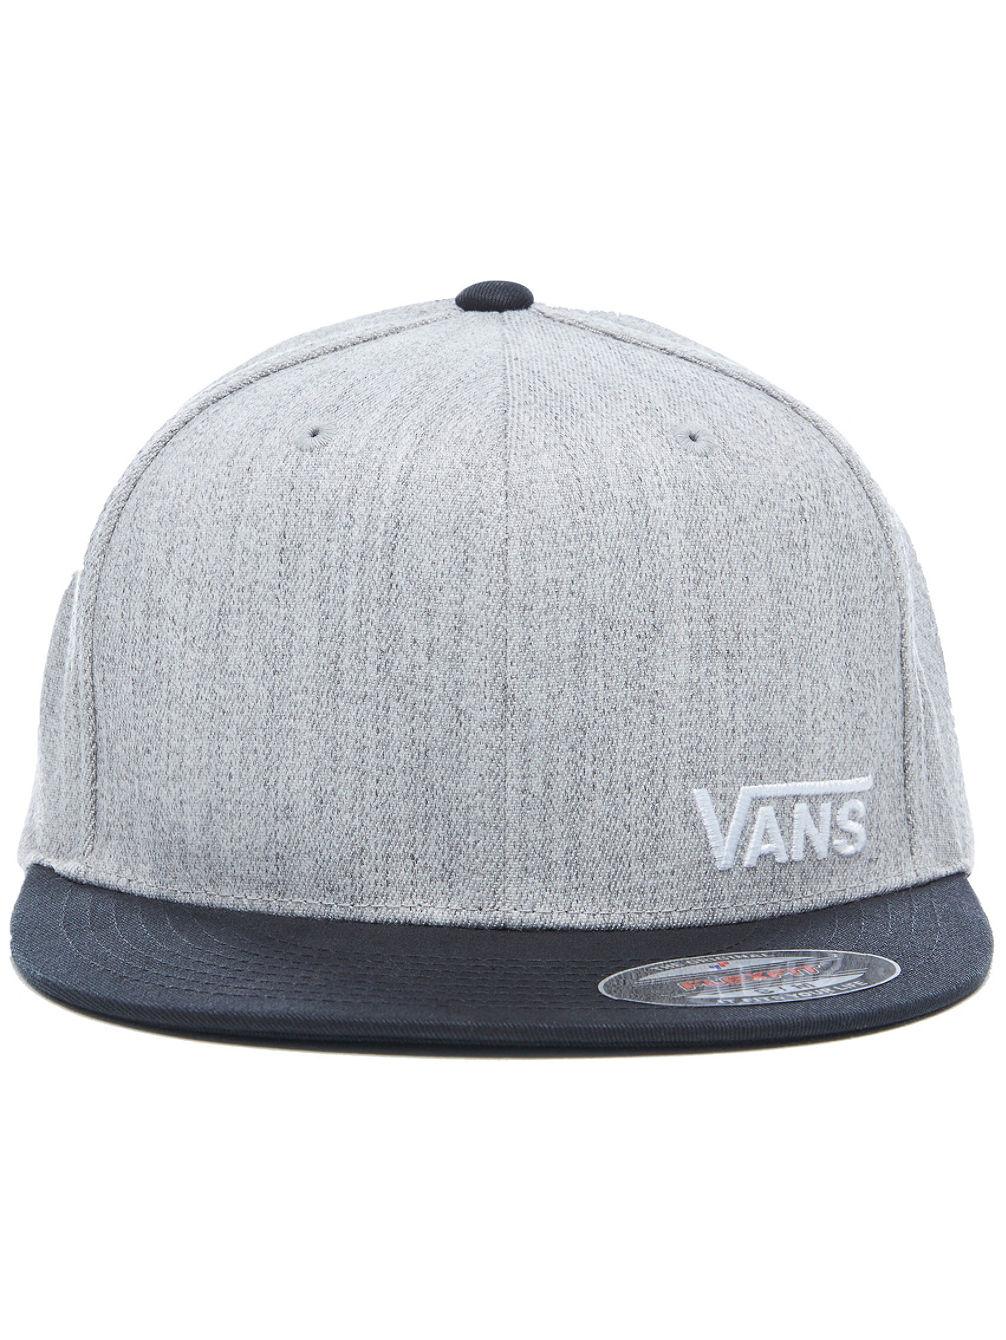 821989c5166 Buy Vans Splitz Cap online at Blue Tomato